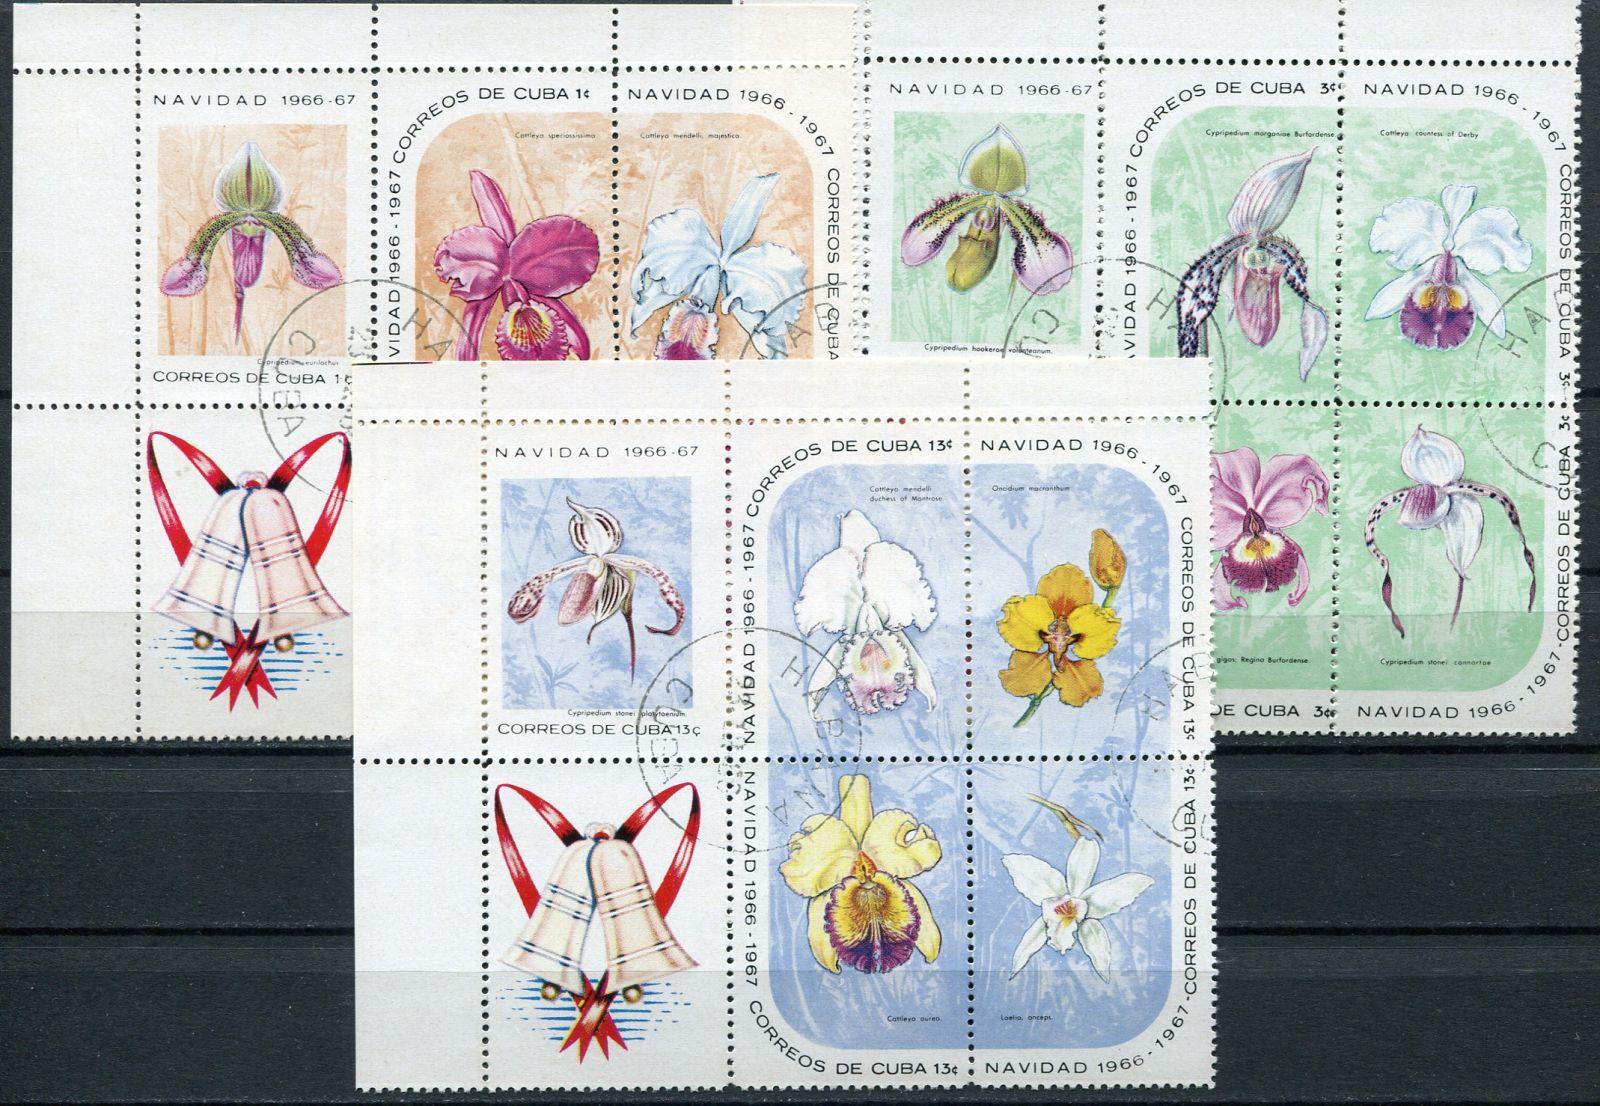 (1966) MiNr. 1249 - 1263 - O - bl. + K - Kuba - Vánoce: orchideje | www.tgw.cz